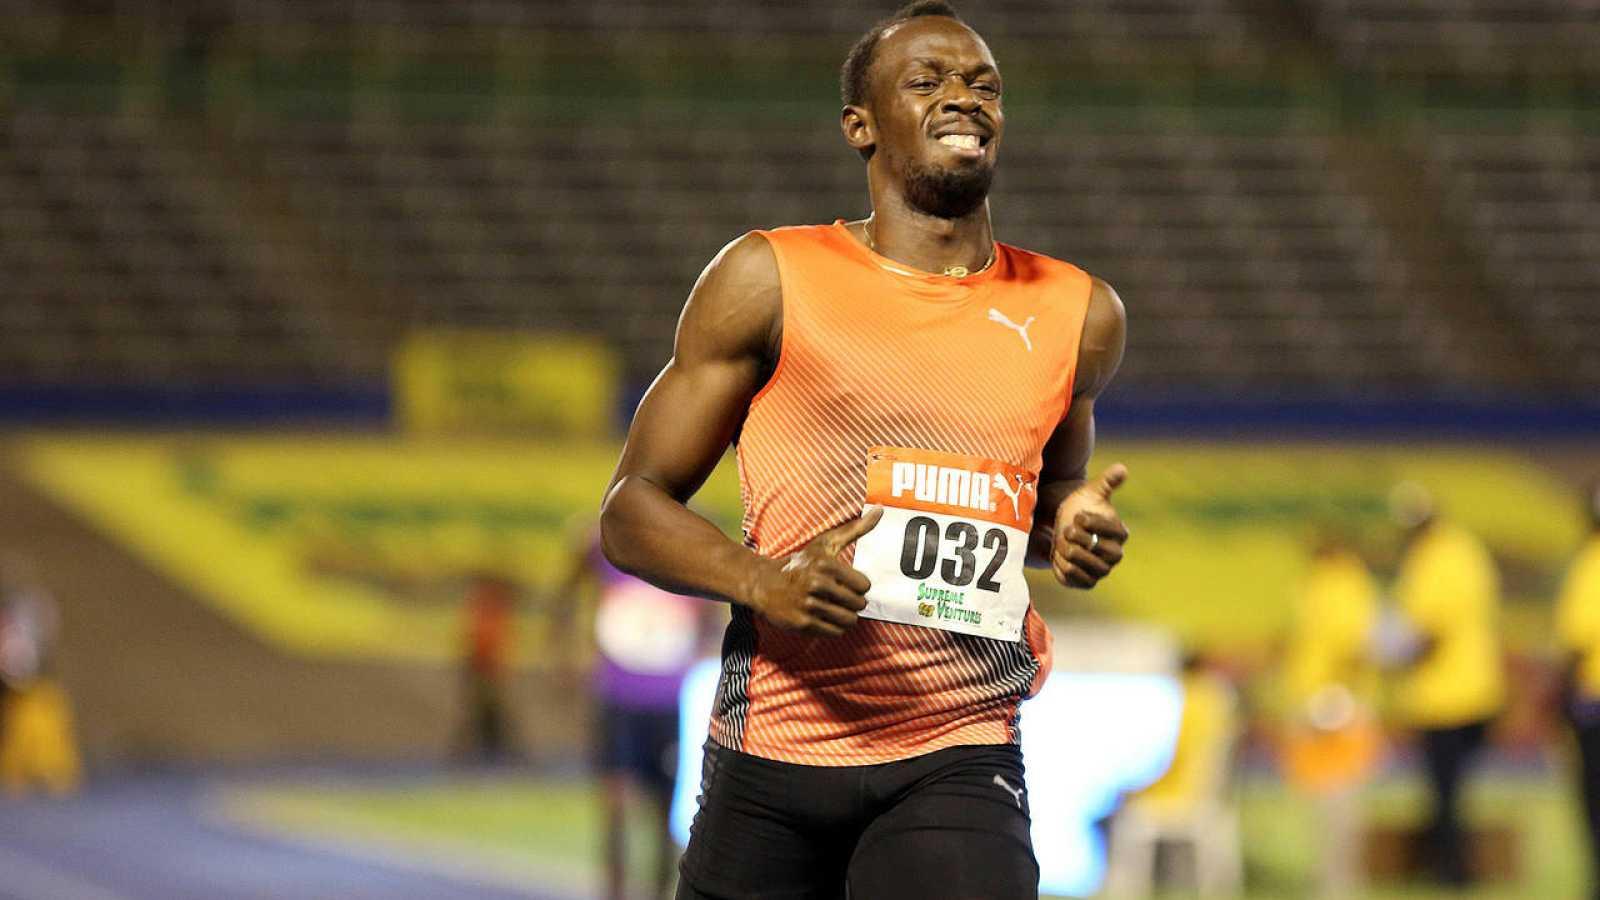 Usain Bolt, en el momento de sufrir su lesión en los campeonatos de Jamaica.